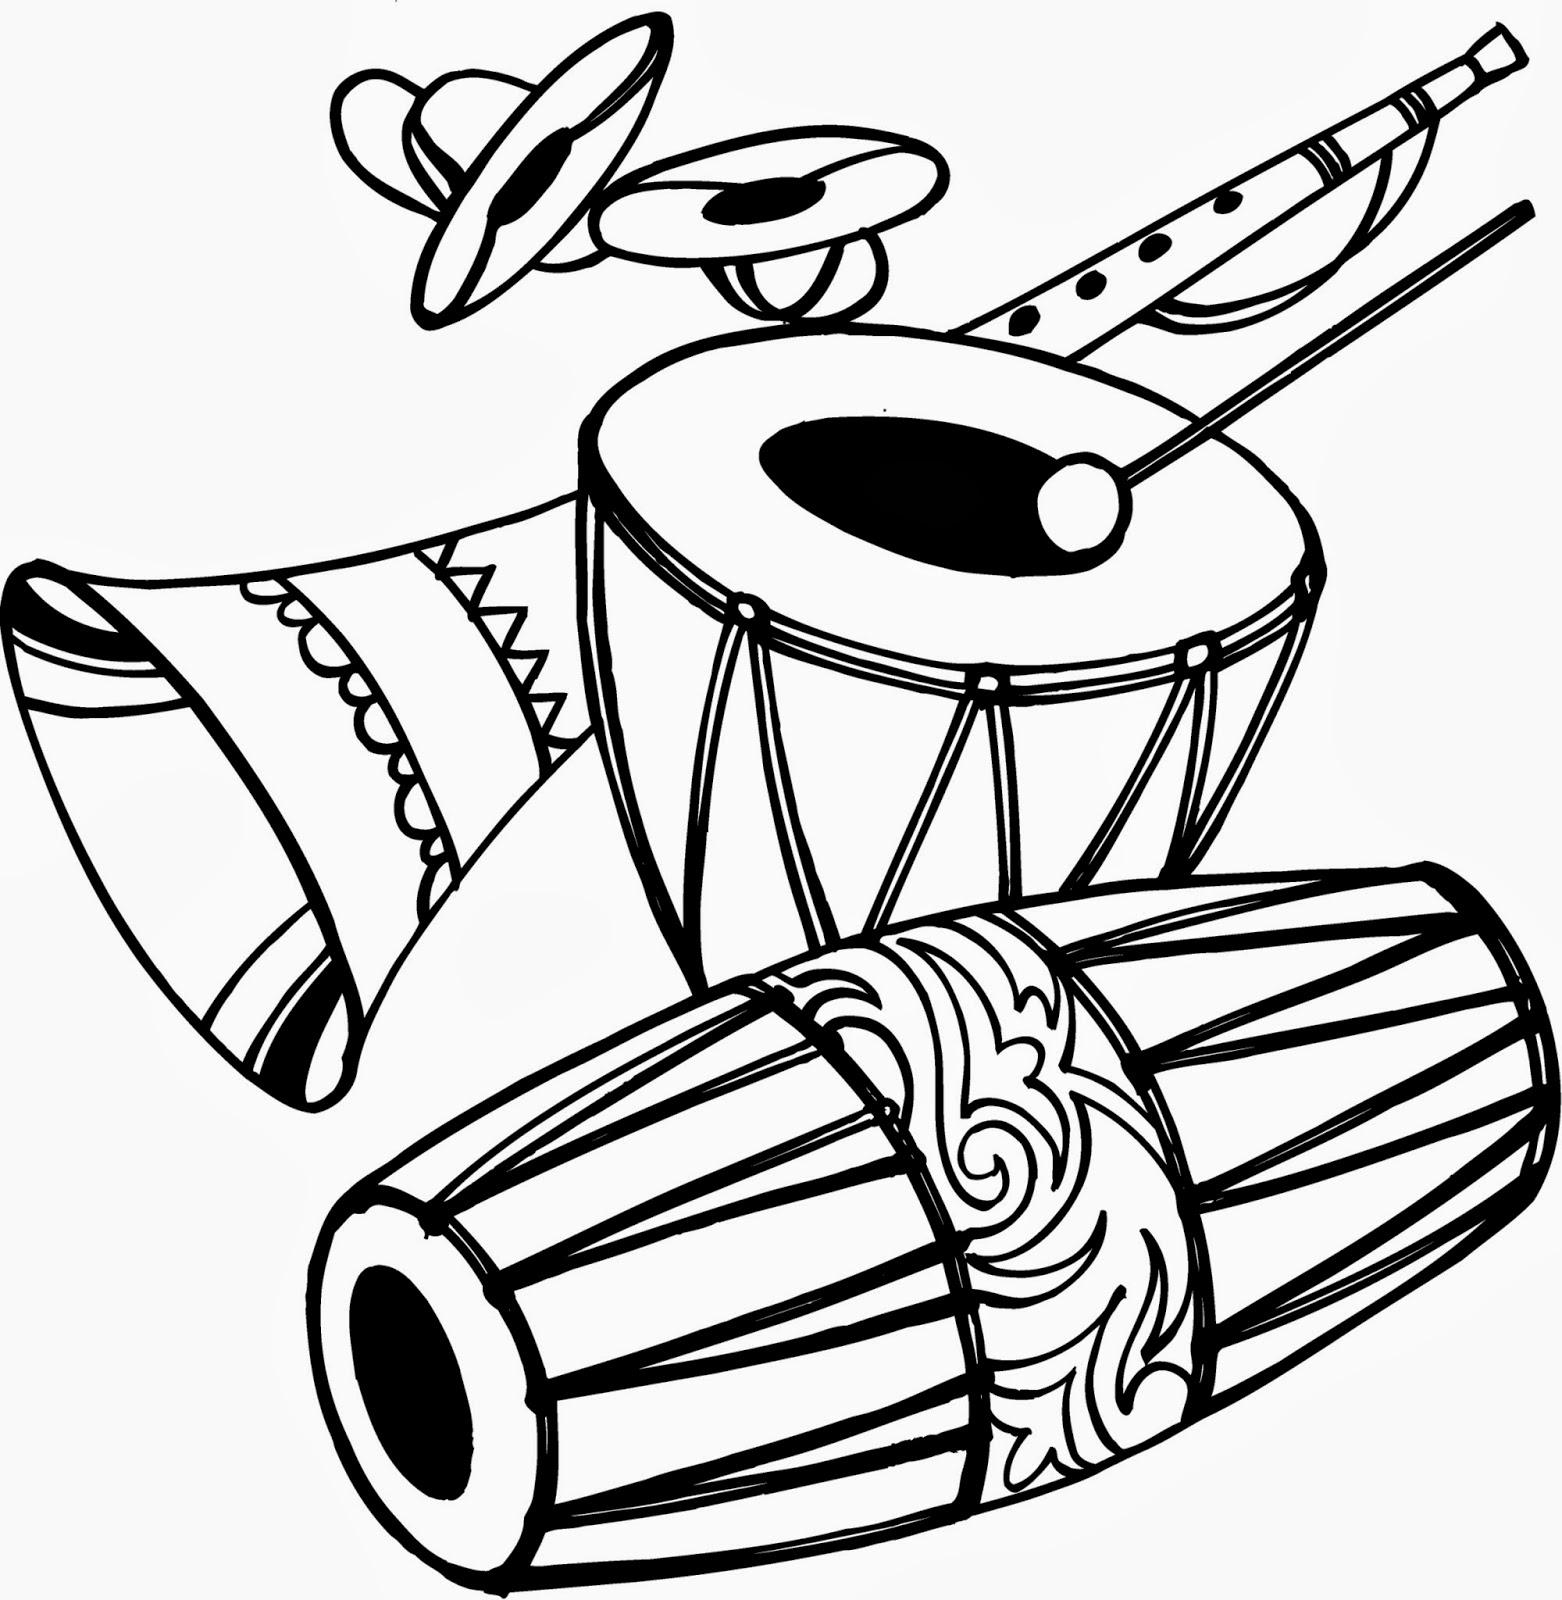 1562x1600 Indian Symbols Cliparts 224188